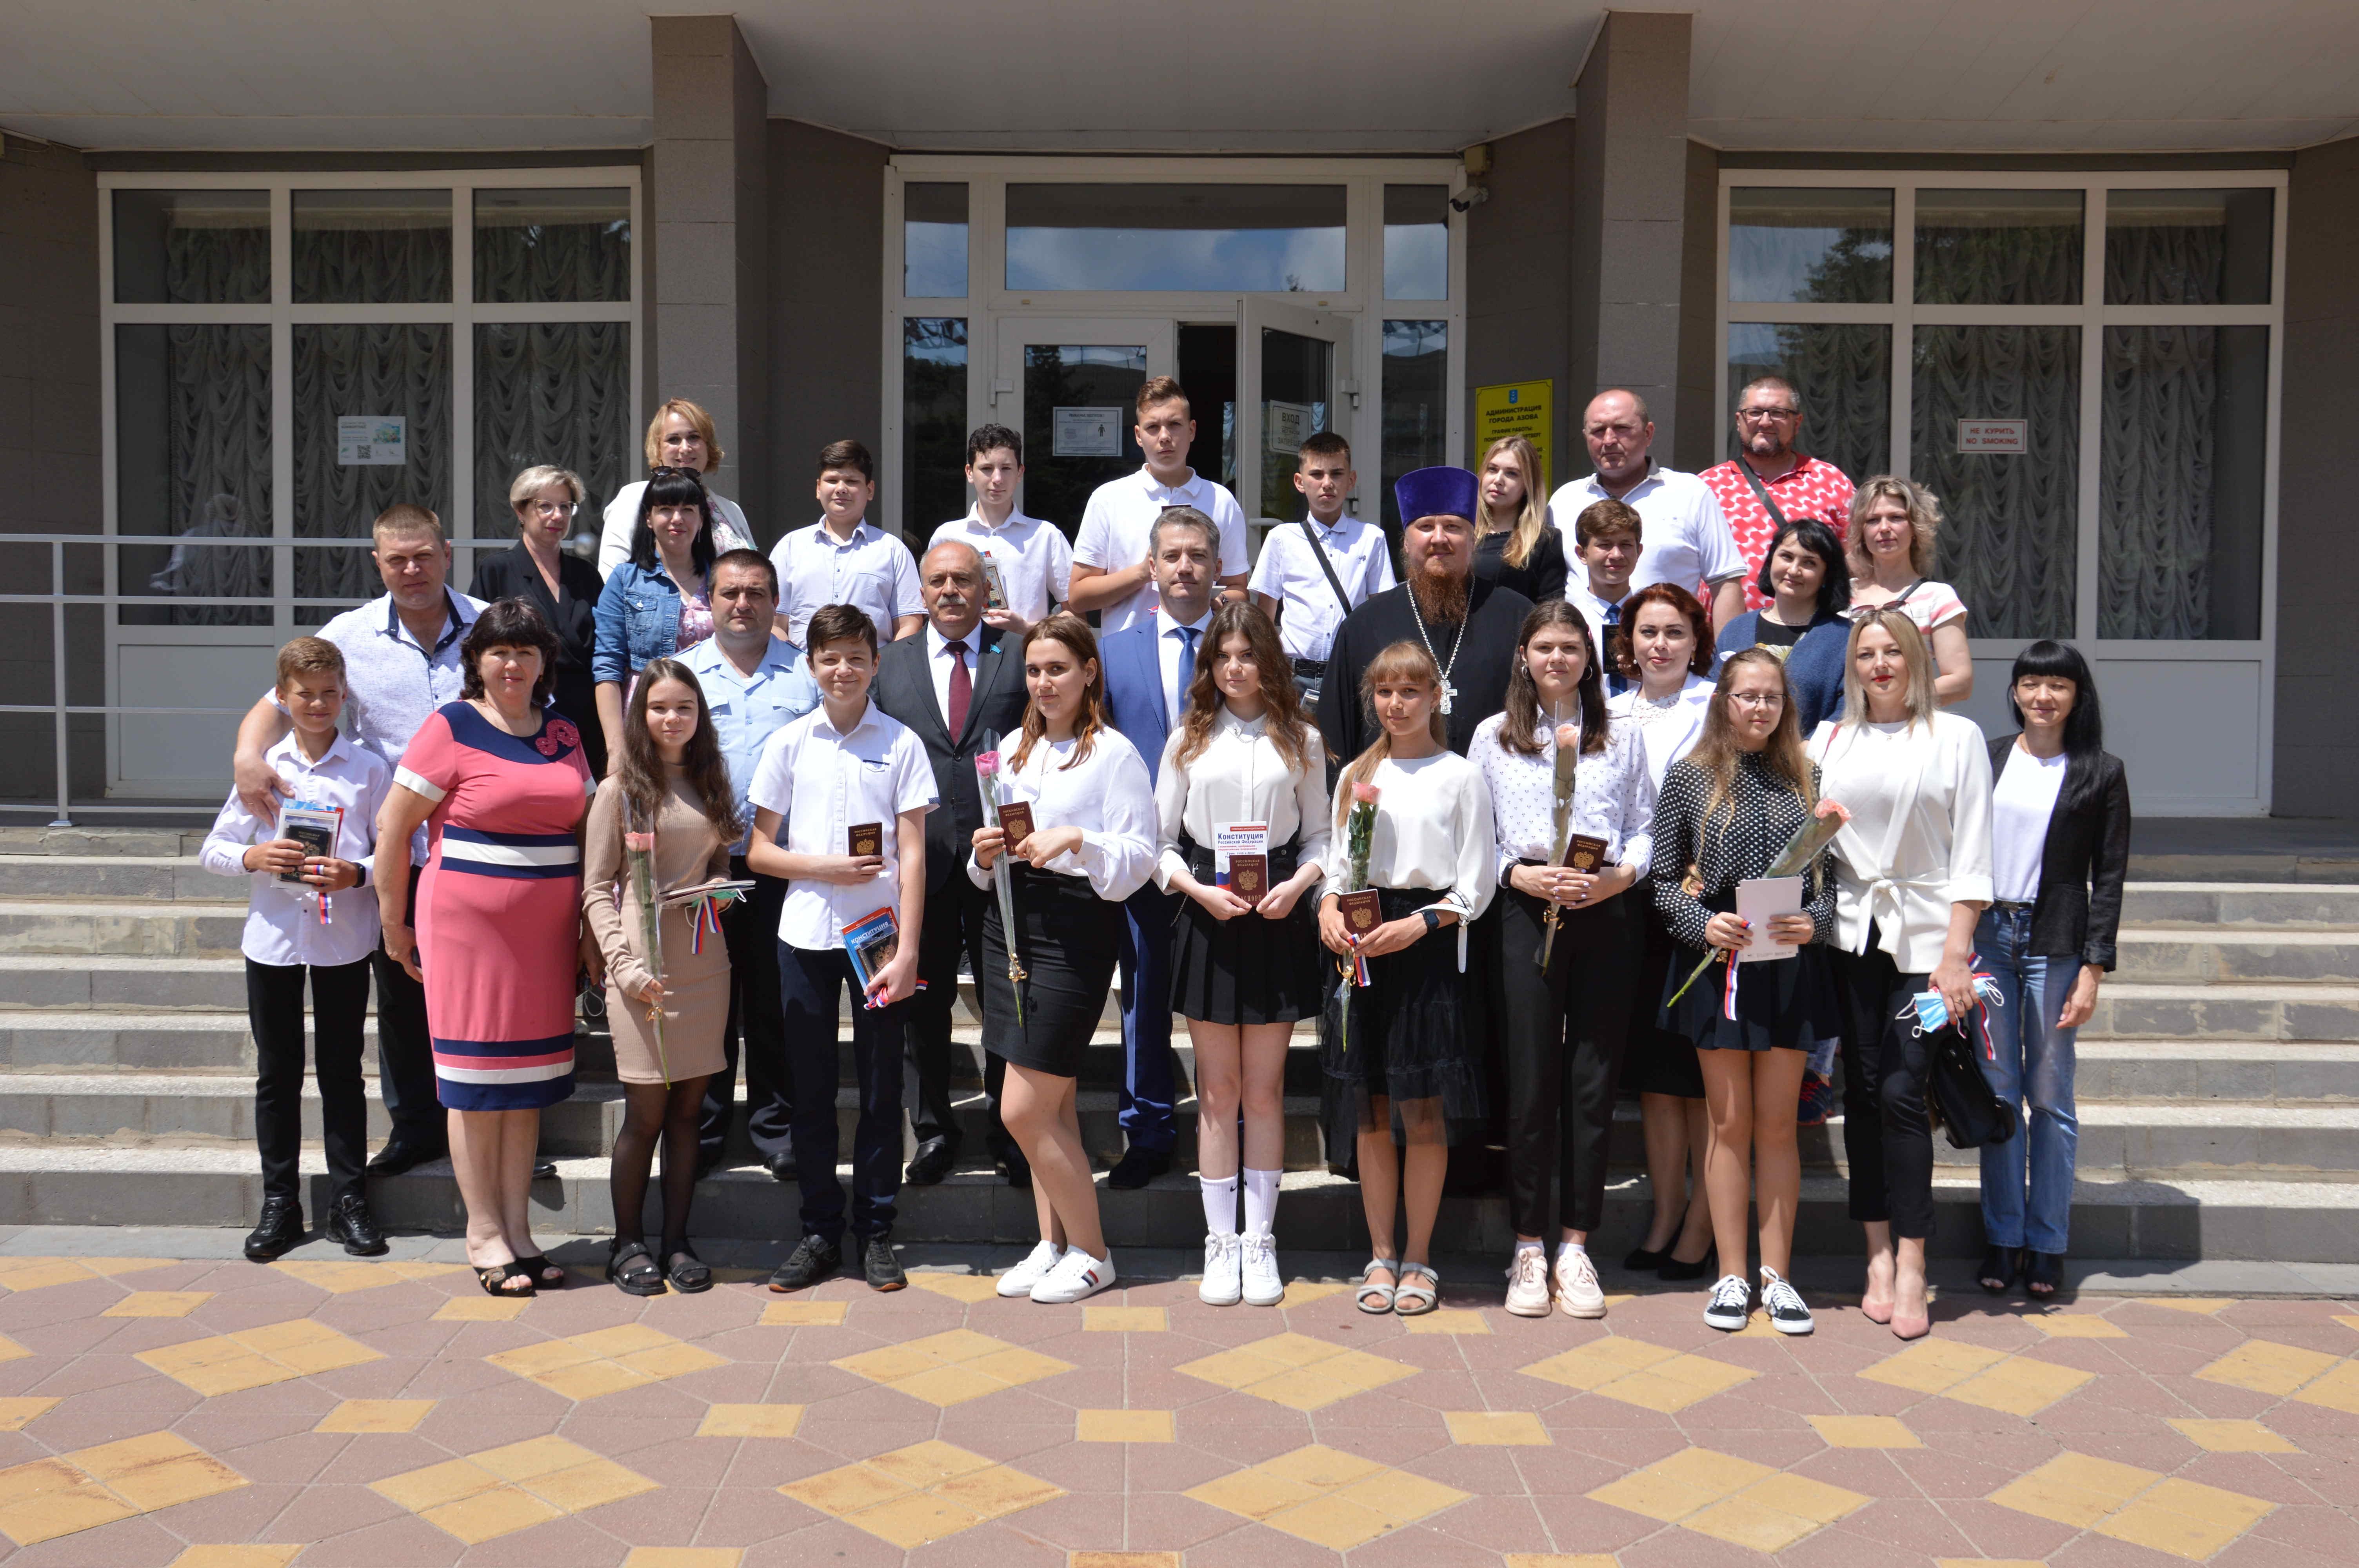 11 июня 2021 года состоялось торжественное вручение паспортов юным азовчанам